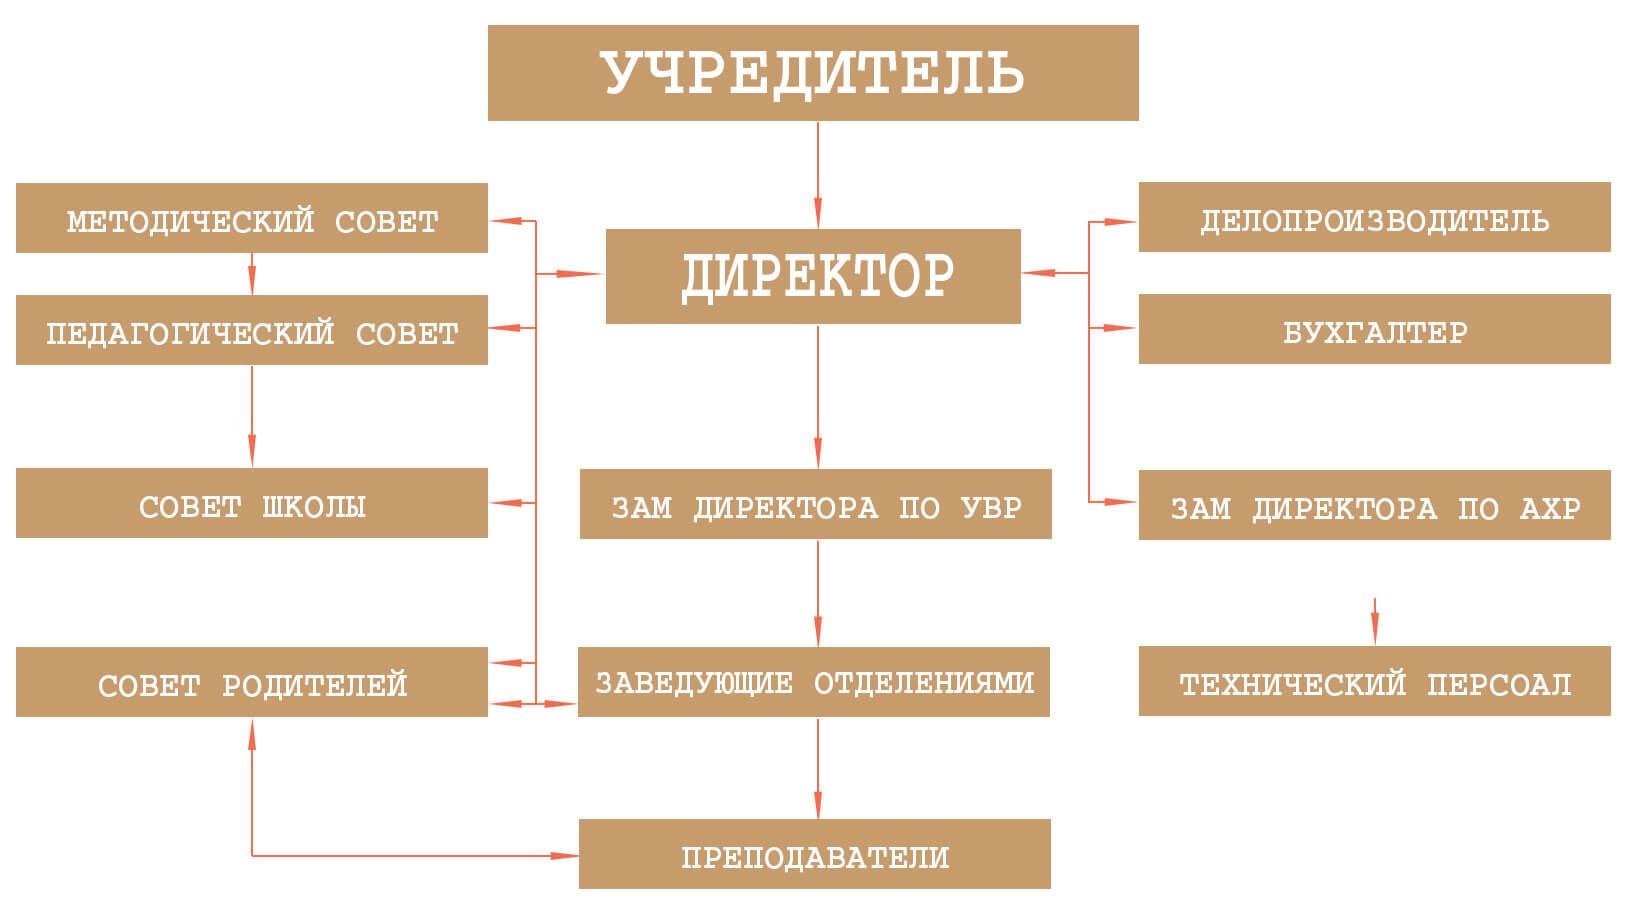 Стркутура управления организации